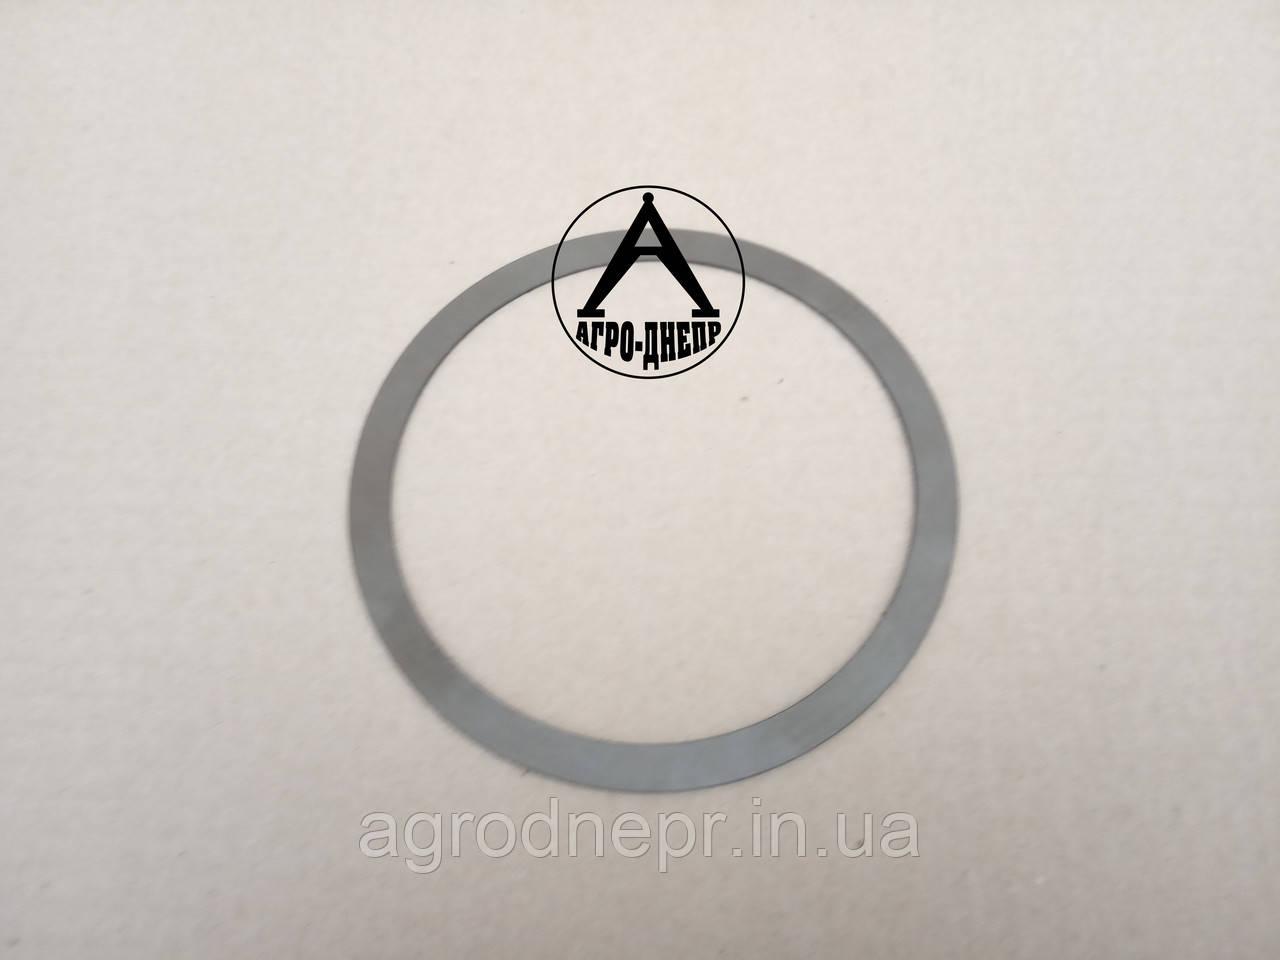 RON11200 Шайба регулировочная корпуса подлшипников дисковой бороны QUIVOGNE RON 11200